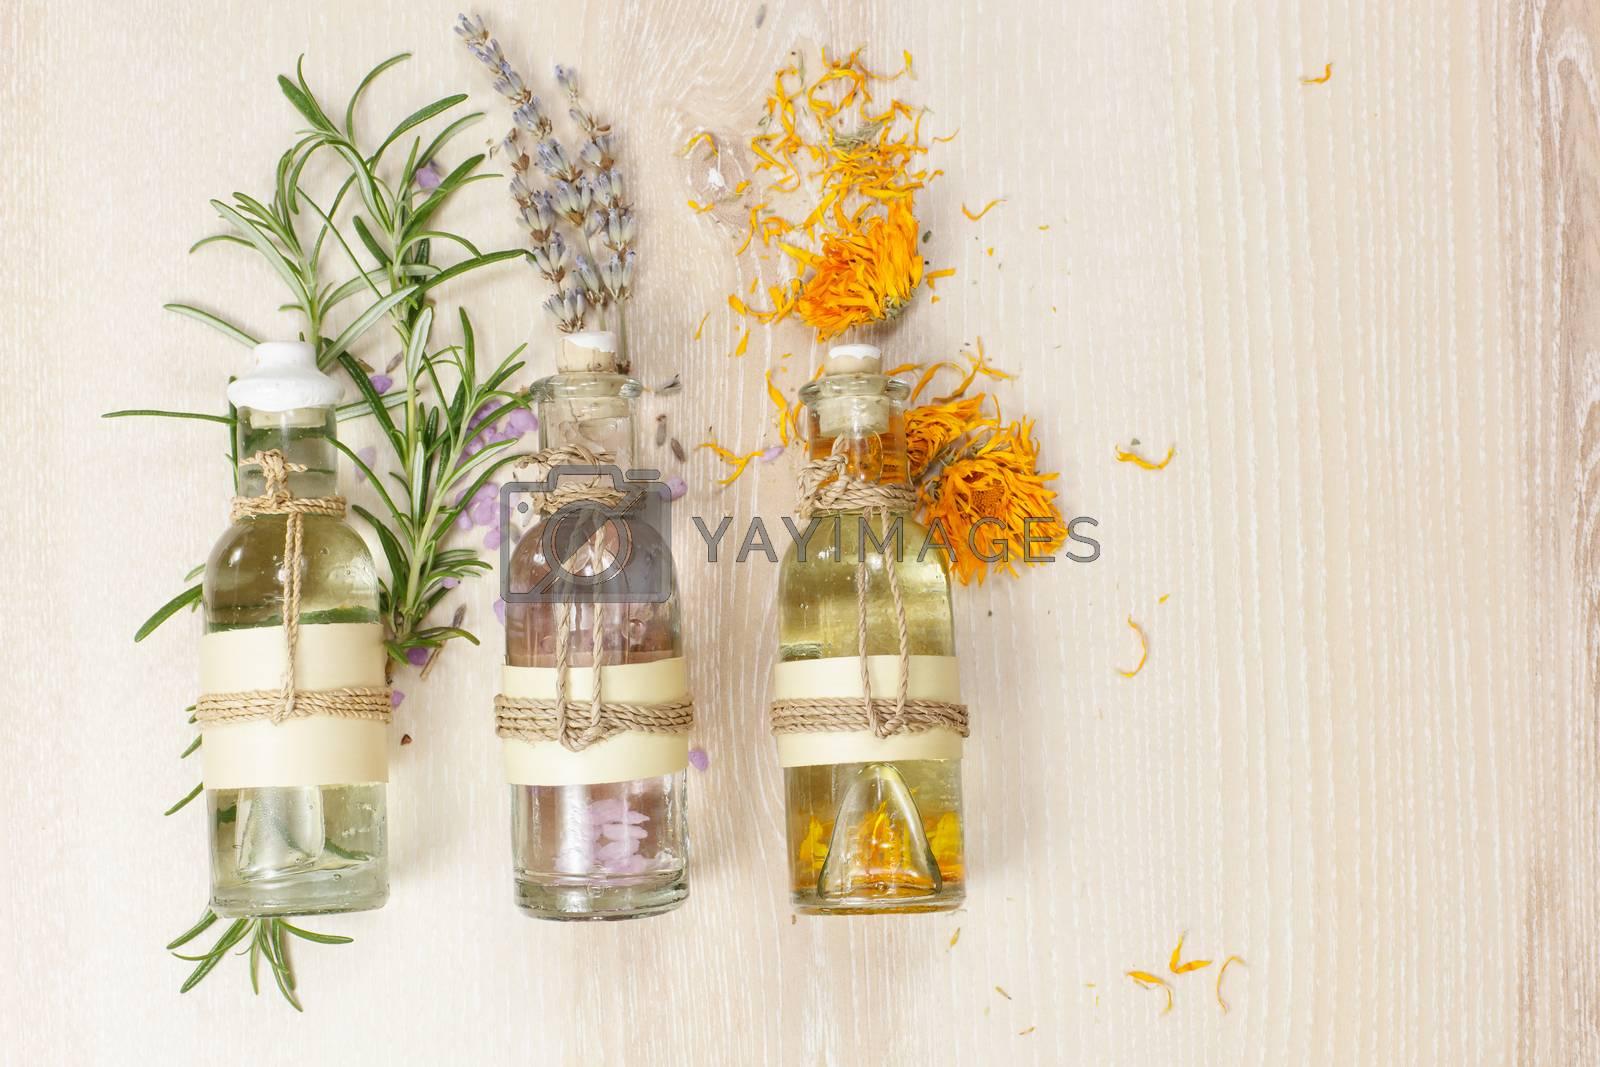 Aromatherapy massage oils. by Slast20